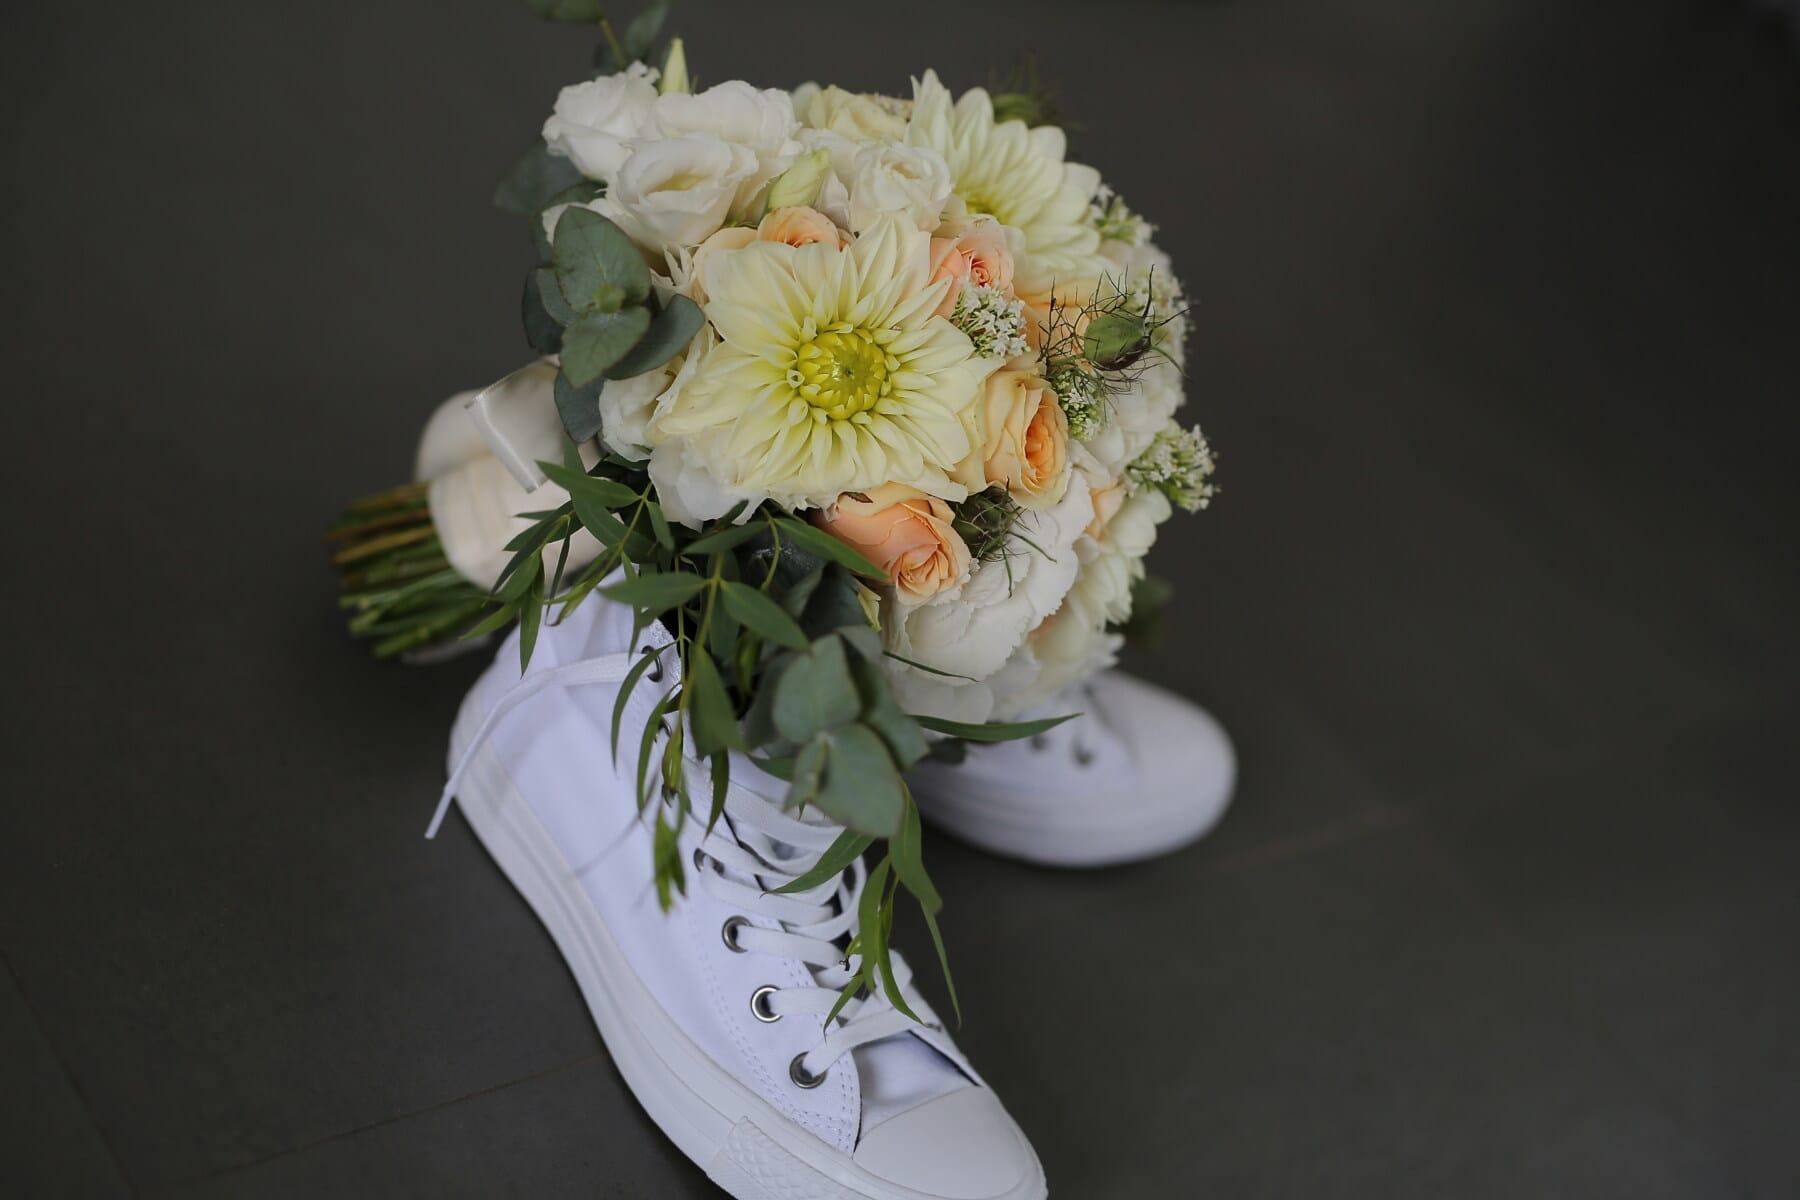 chaussures de sport, blanc, studio photo, bouquet de mariage, bouquet, fleurs, Rose, fleur, nature morte, romance